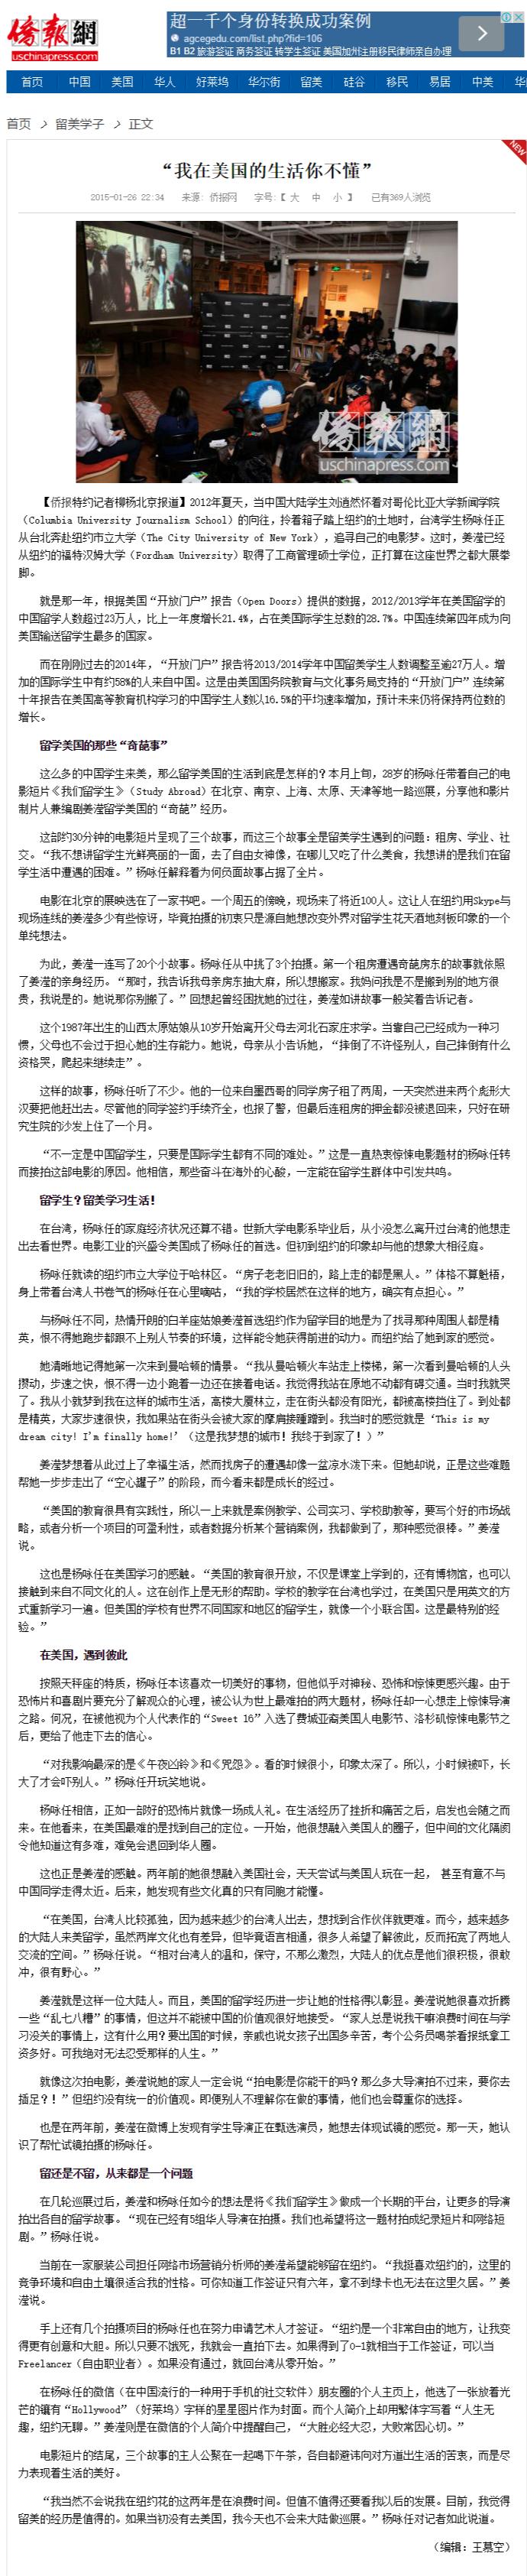 侨报网-1-26-2015